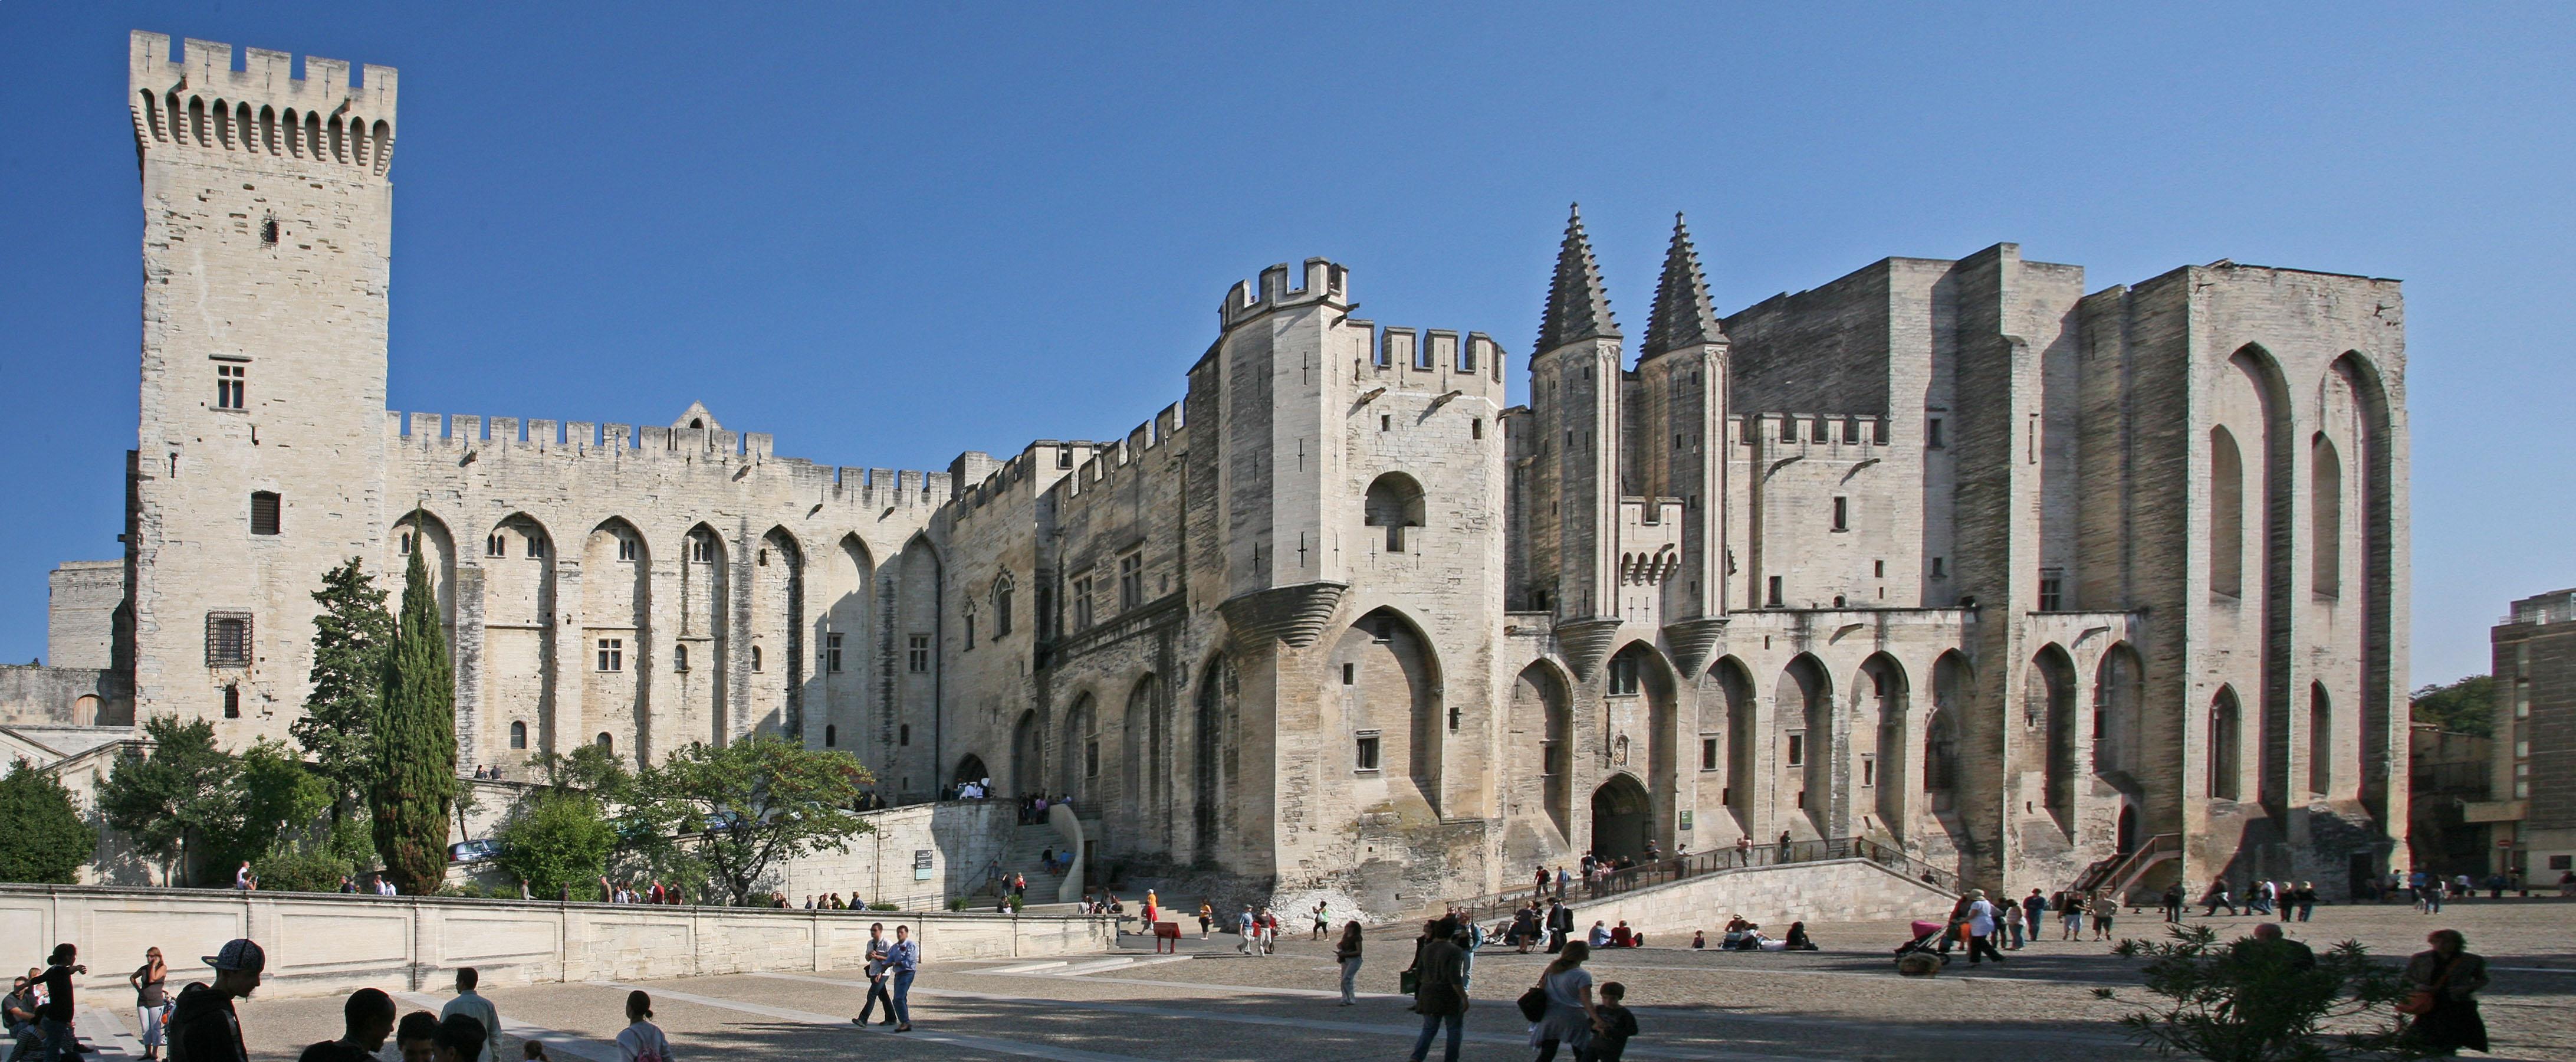 1000+ ideas about Avignon Papacy on Pinterest.